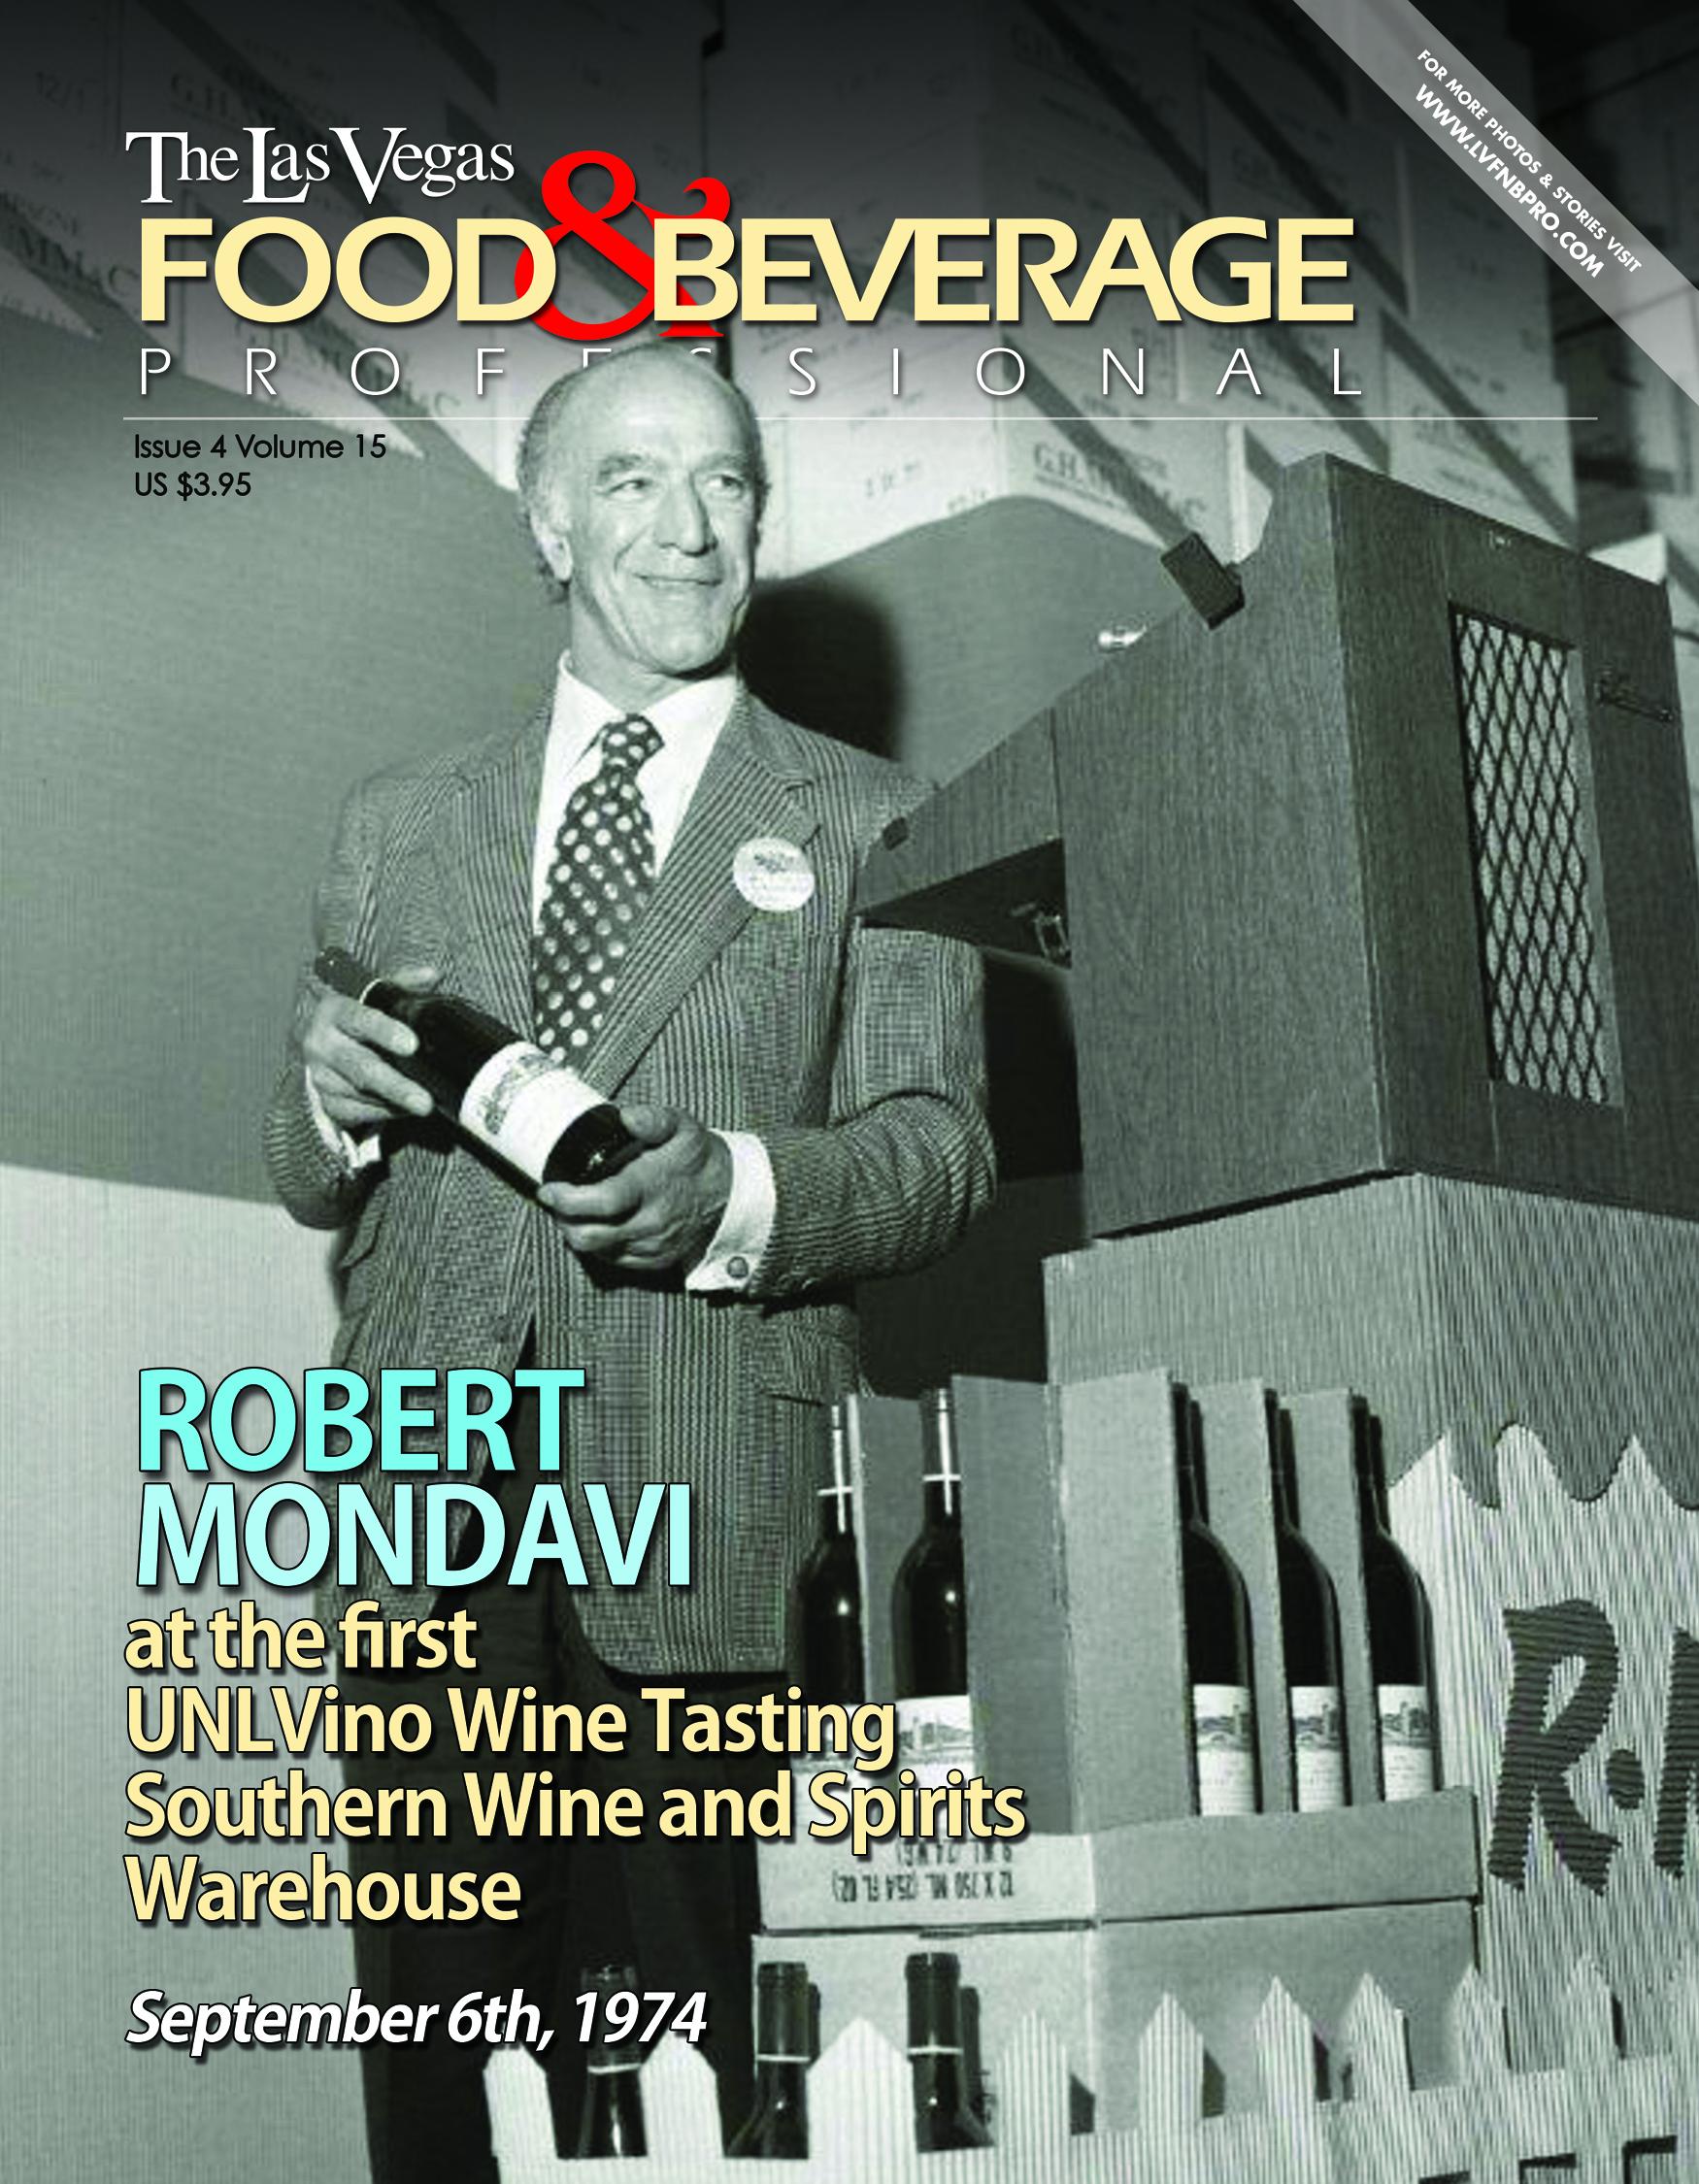 LV Food and beverage.jpg